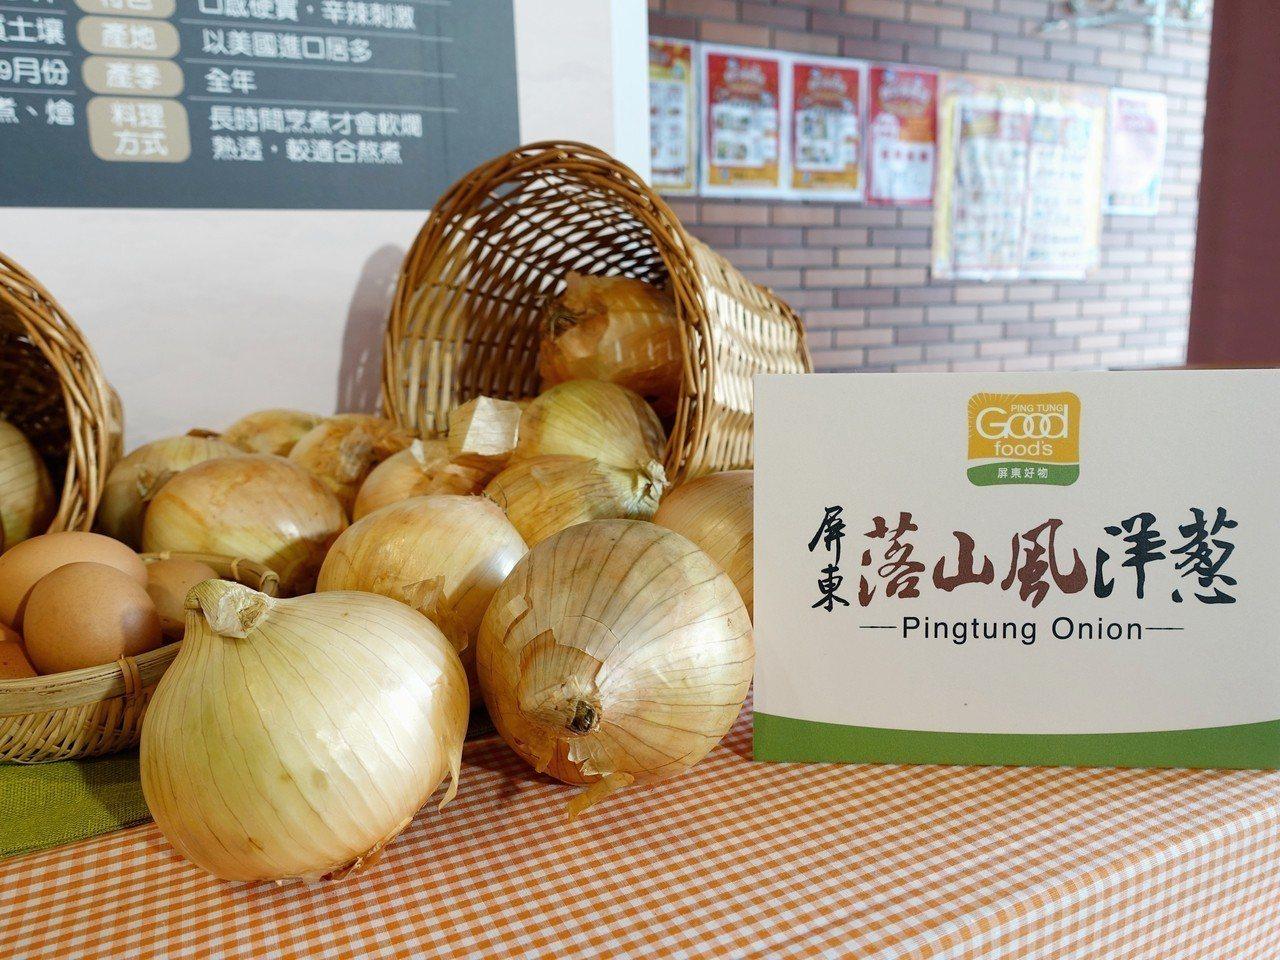 屏東盛產的「落山風洋蔥」,目前在全聯超市販售。記者張芳瑜/攝影